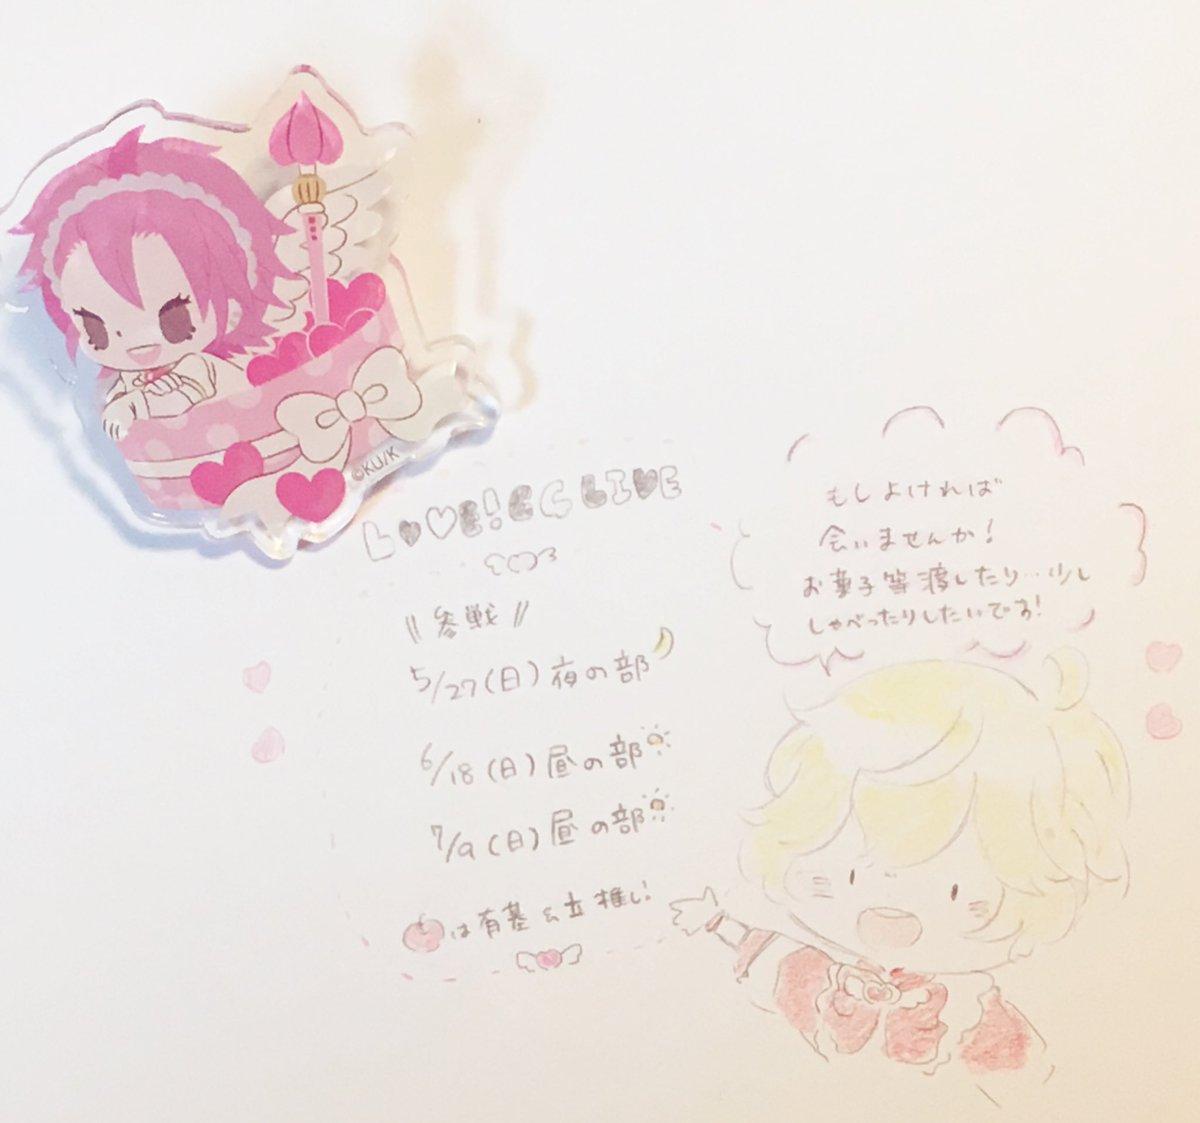 フォロワー様で✨美男高校地球防衛部love!CGlive(東京)行く方いませんか〜|ू・ω・*)防衛部繋がりたいタグに反